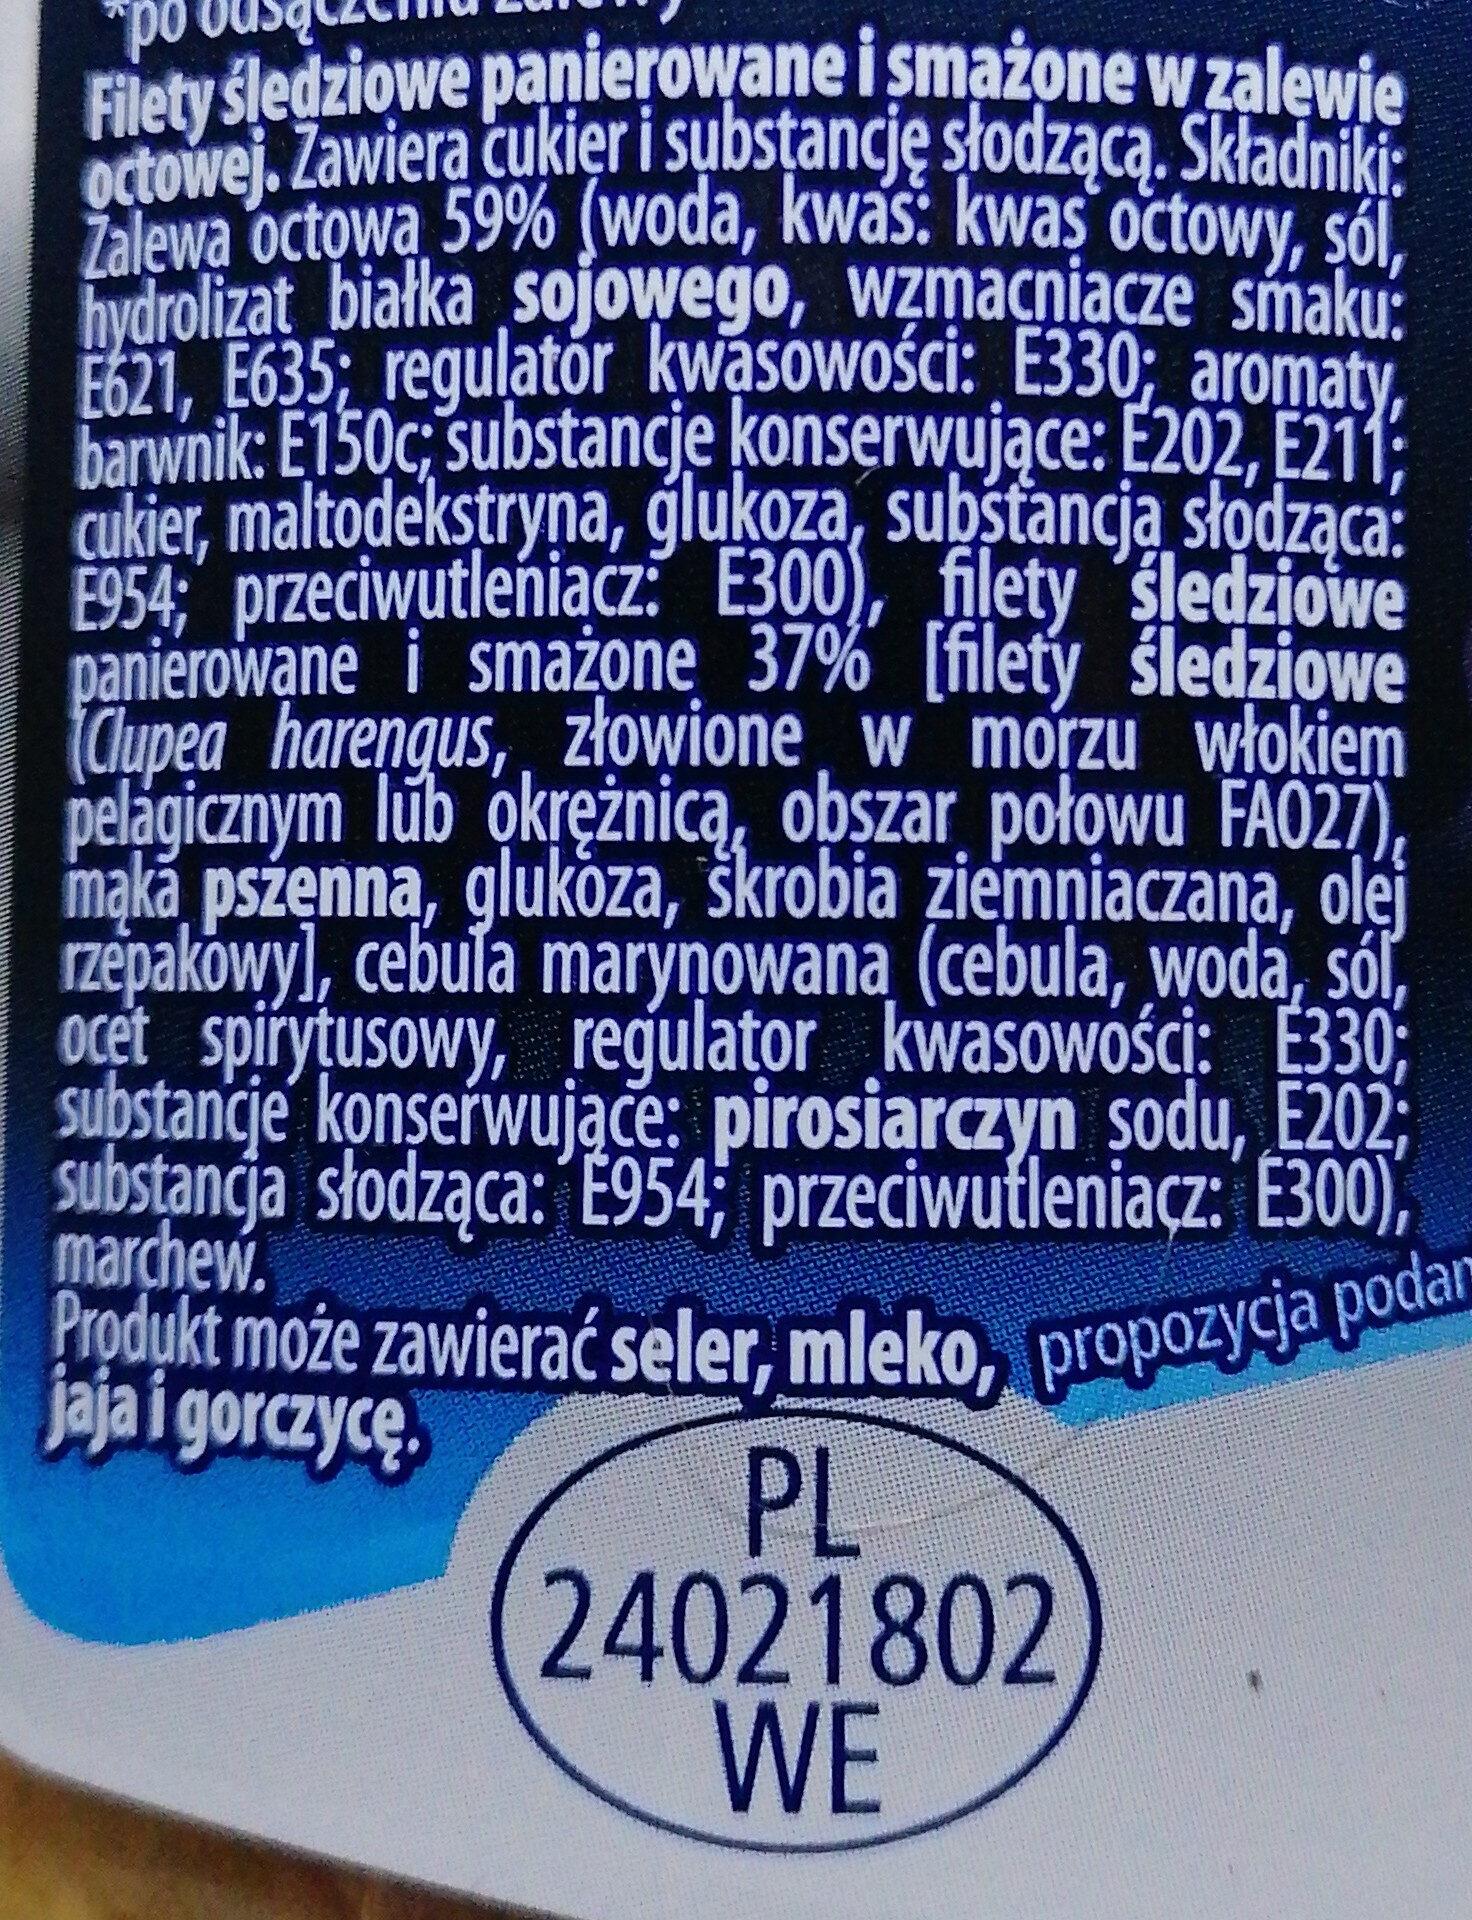 Filety śledziowe panierowane i smażone w zalewie octowej. - Składniki - pl